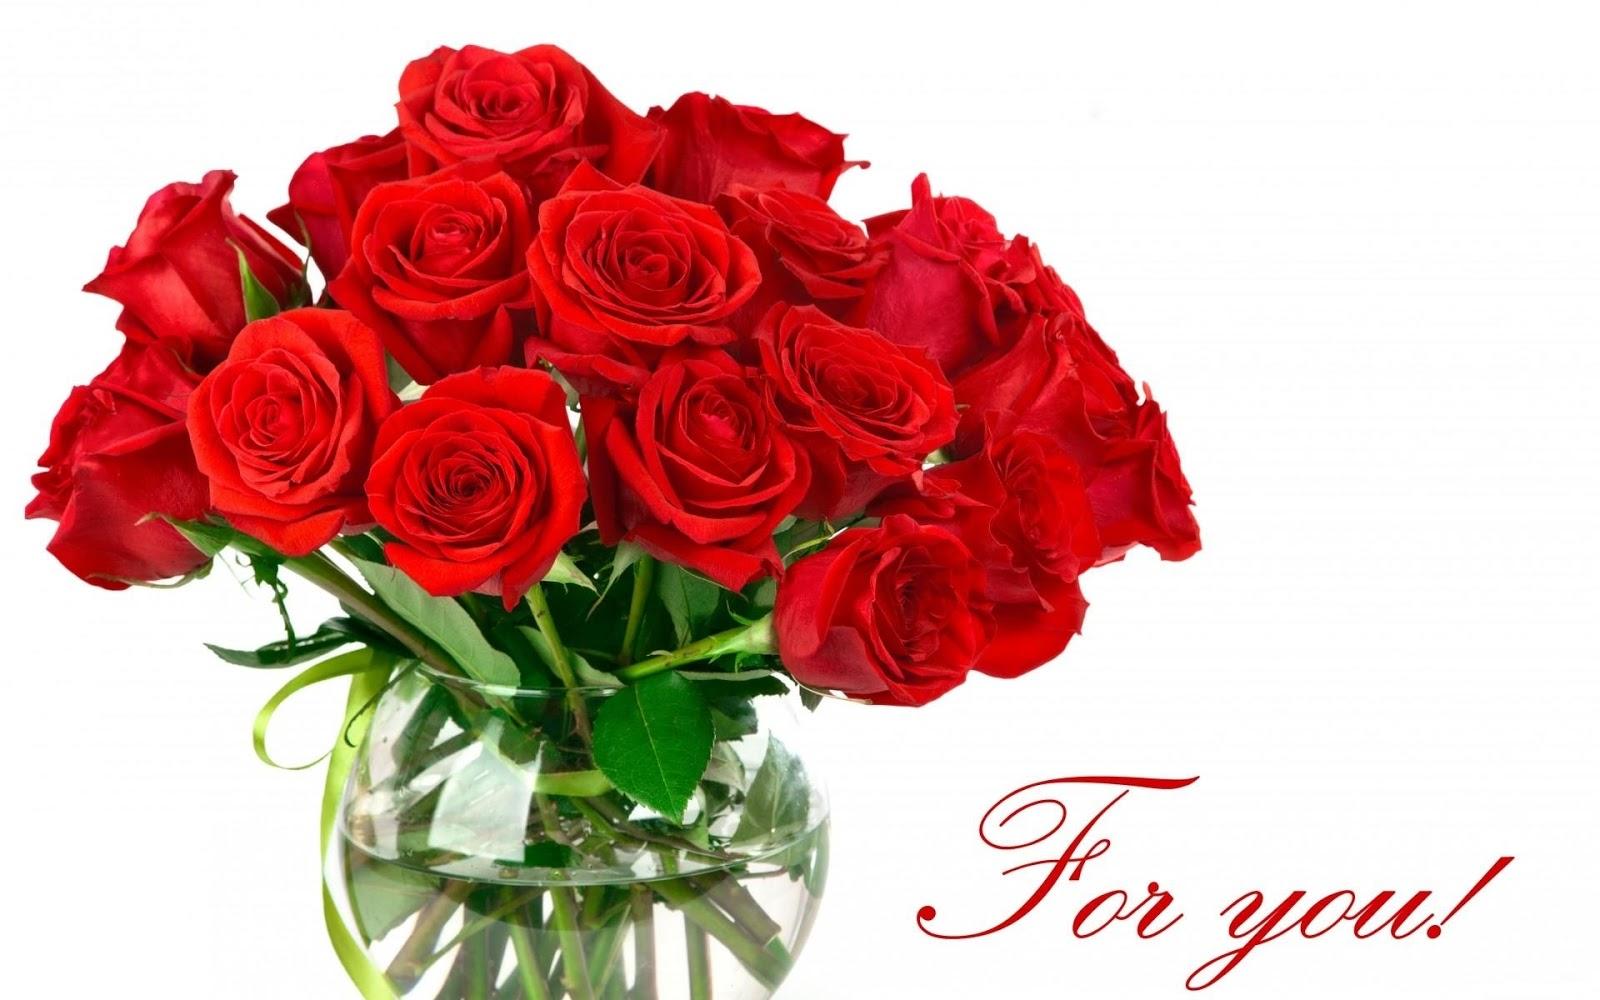 Rose flower background image download